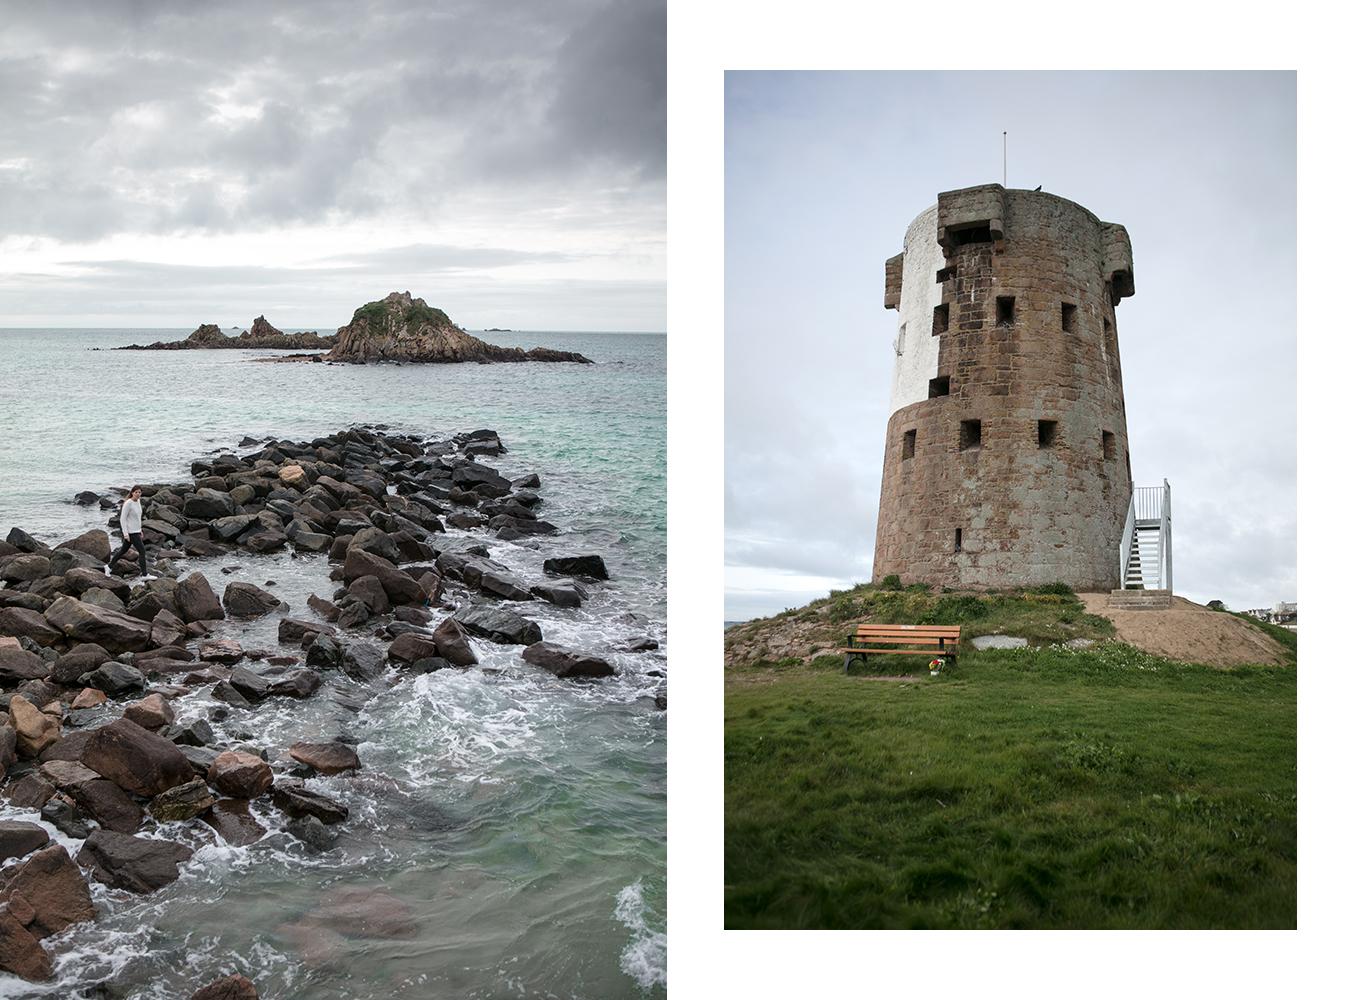 Le phare du Hocq sur la côte est de Jersey